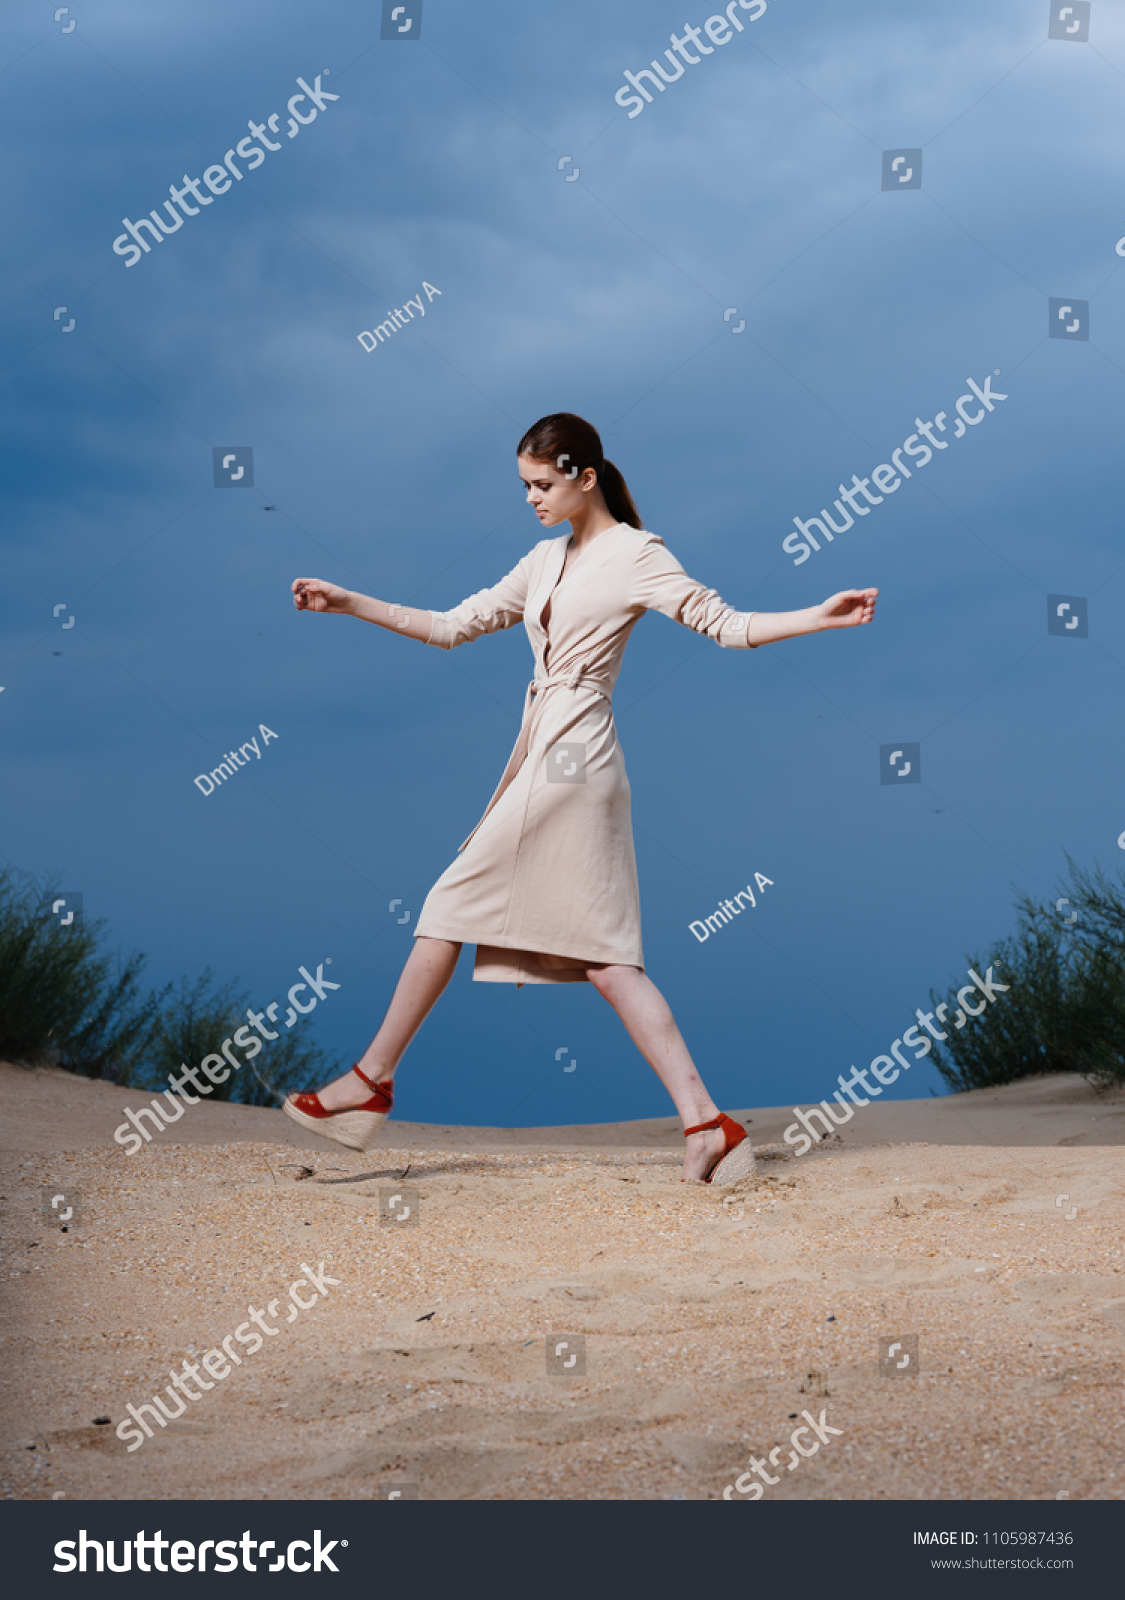 Her legs-pt2 spreads brunette Elegant